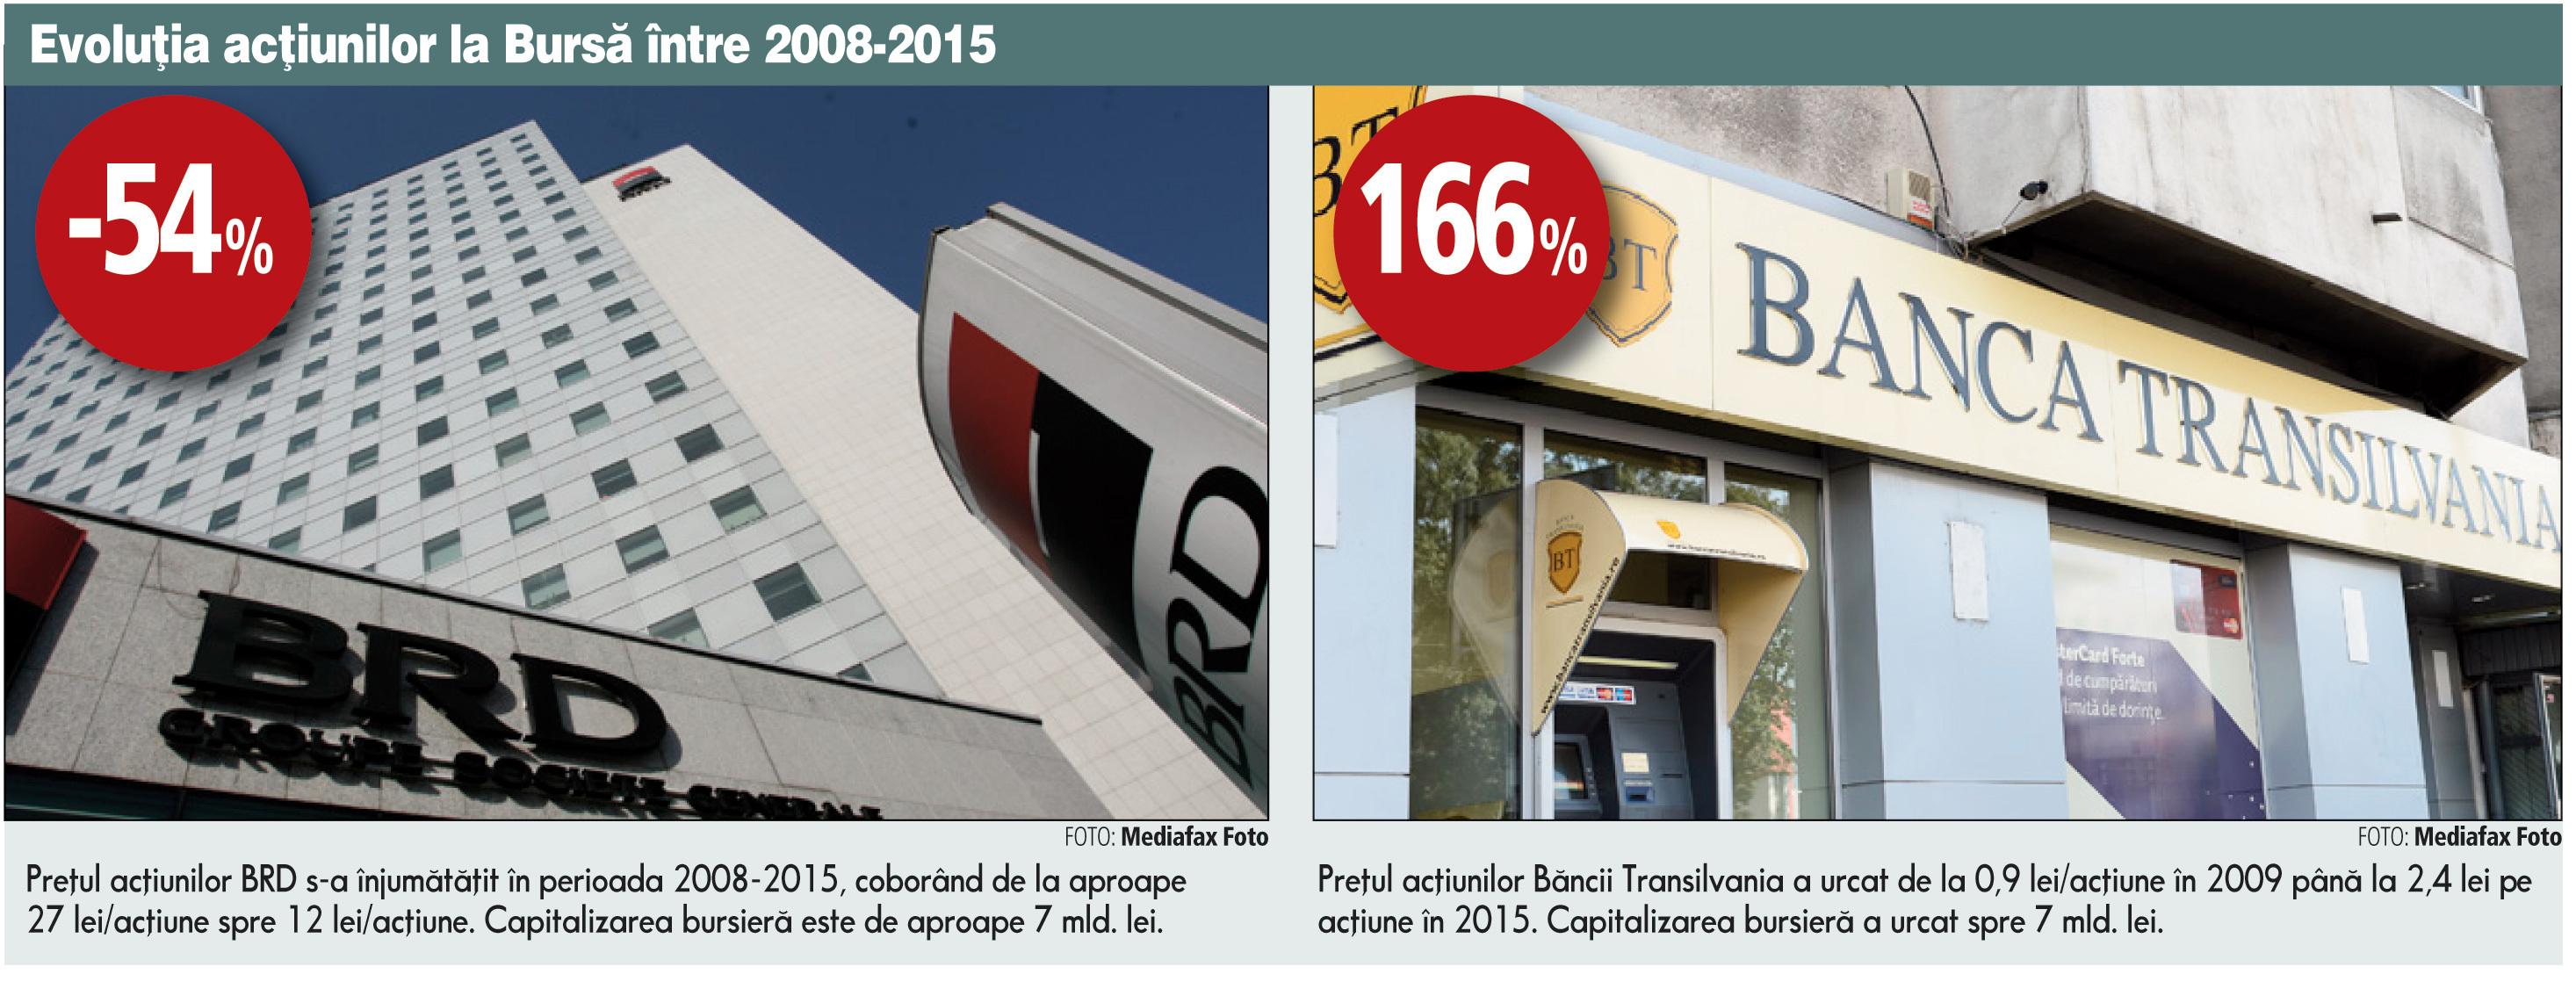 Lupta dintre BRD şi Banca Transilvania pentru locul doi în sectorul bancar se dă acum cot la cot. În perioada de criză o bancă a crescut, cealaltă a scăzut. Cinci indicatori care analizează evoluţia celor două bănci în ultimii 8 ani